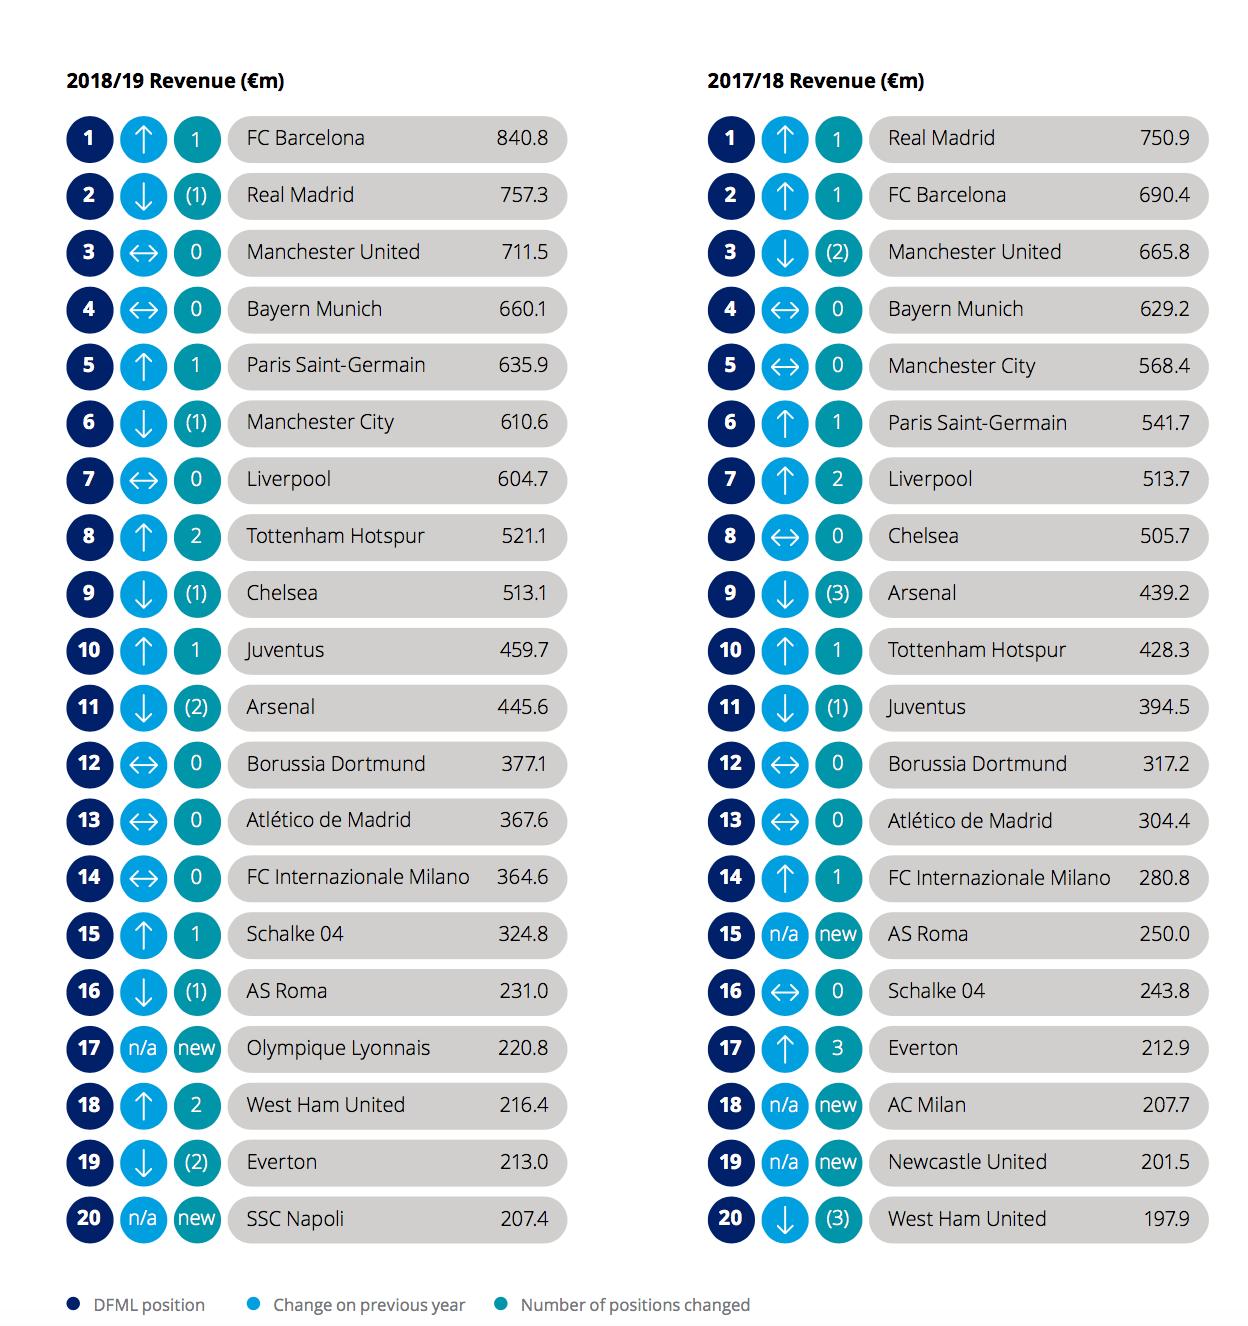 Football : Les Surprises Du Classement Des Clubs Les Plus Riches Du Monde